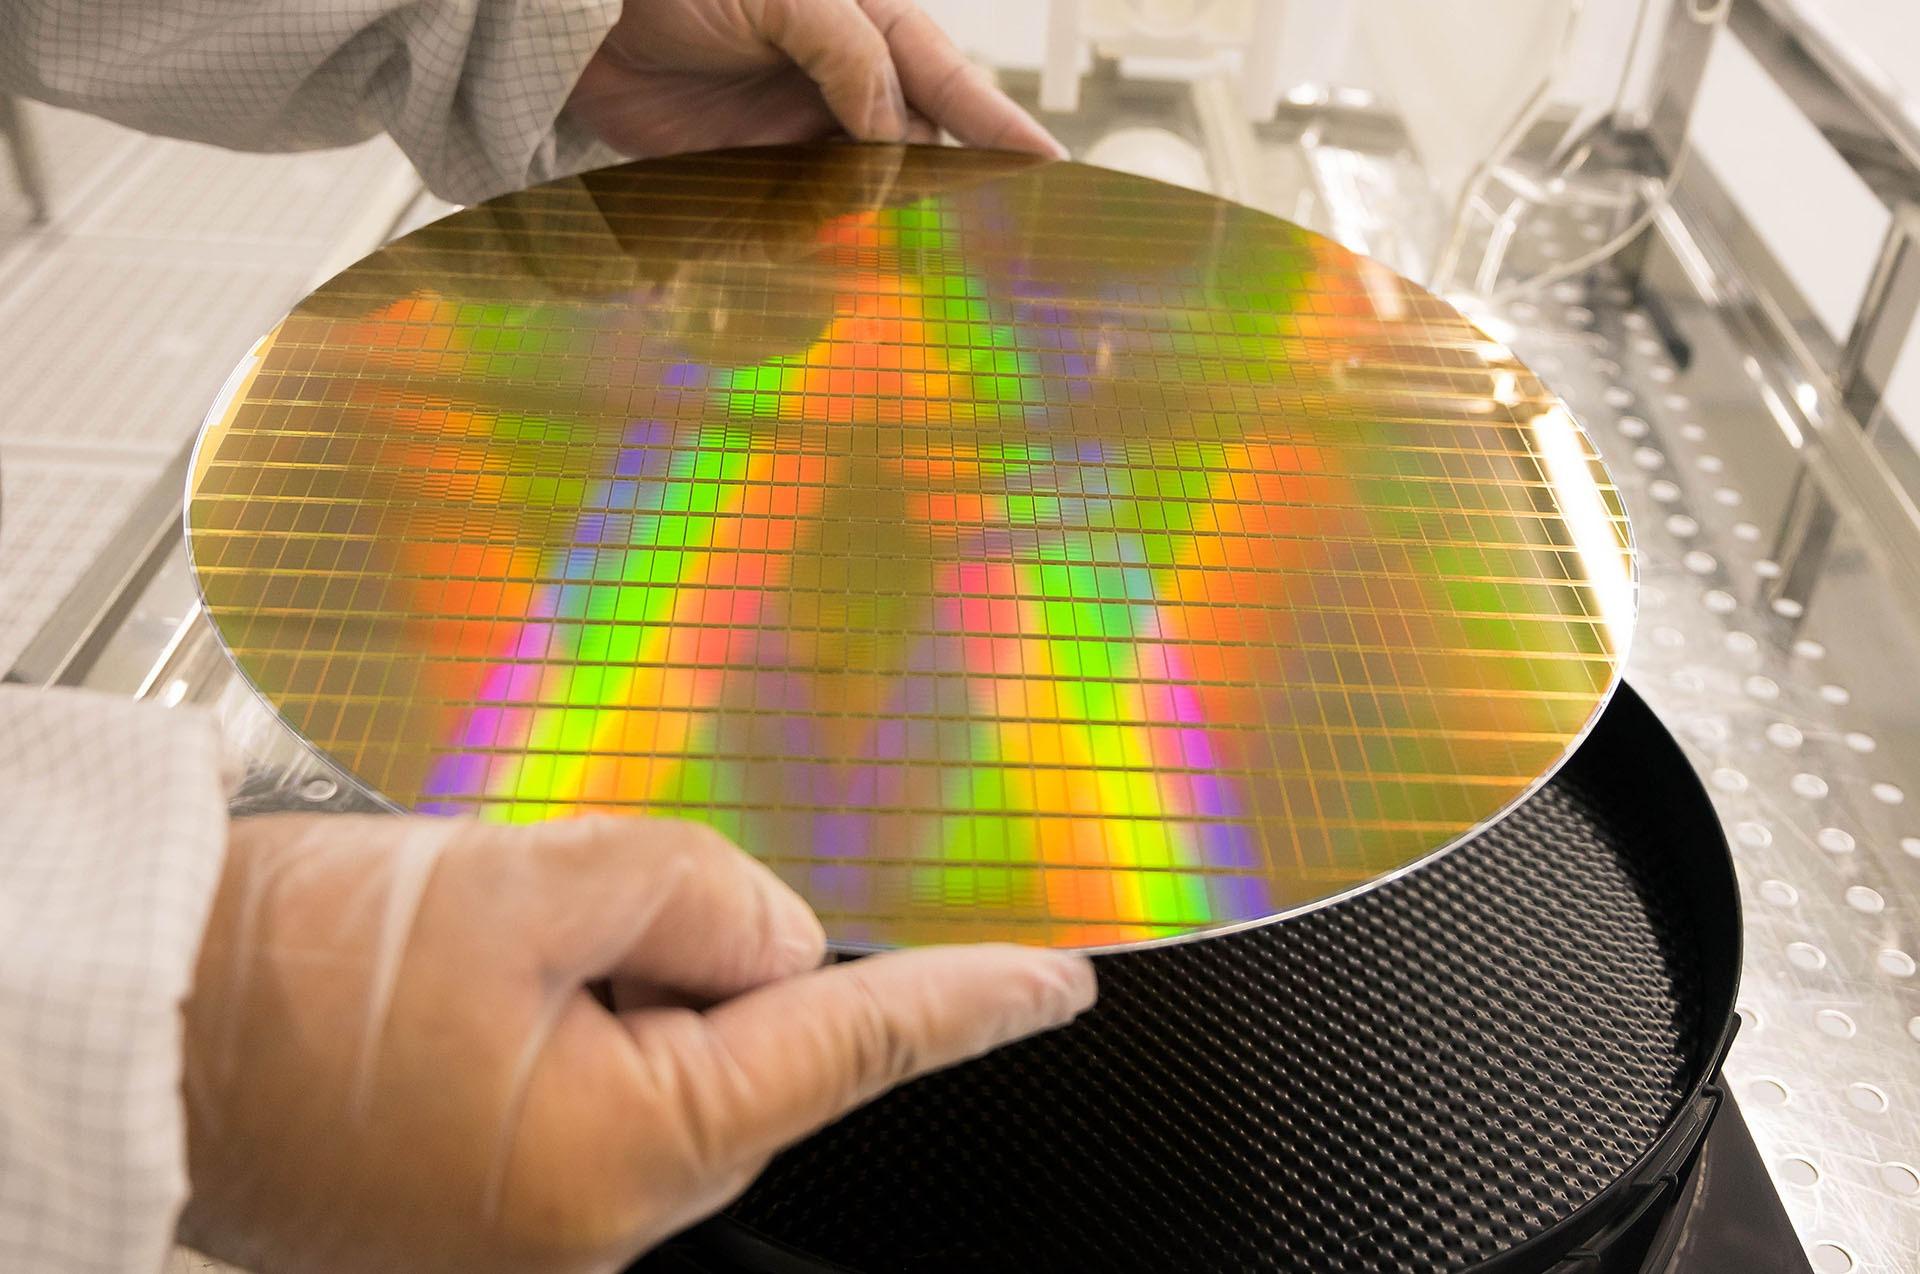 Doanh số chip trên toàn cầu vẫn tiếp tục sụt giảm do chiến tranh thương mại Mỹ – Trung leo thang